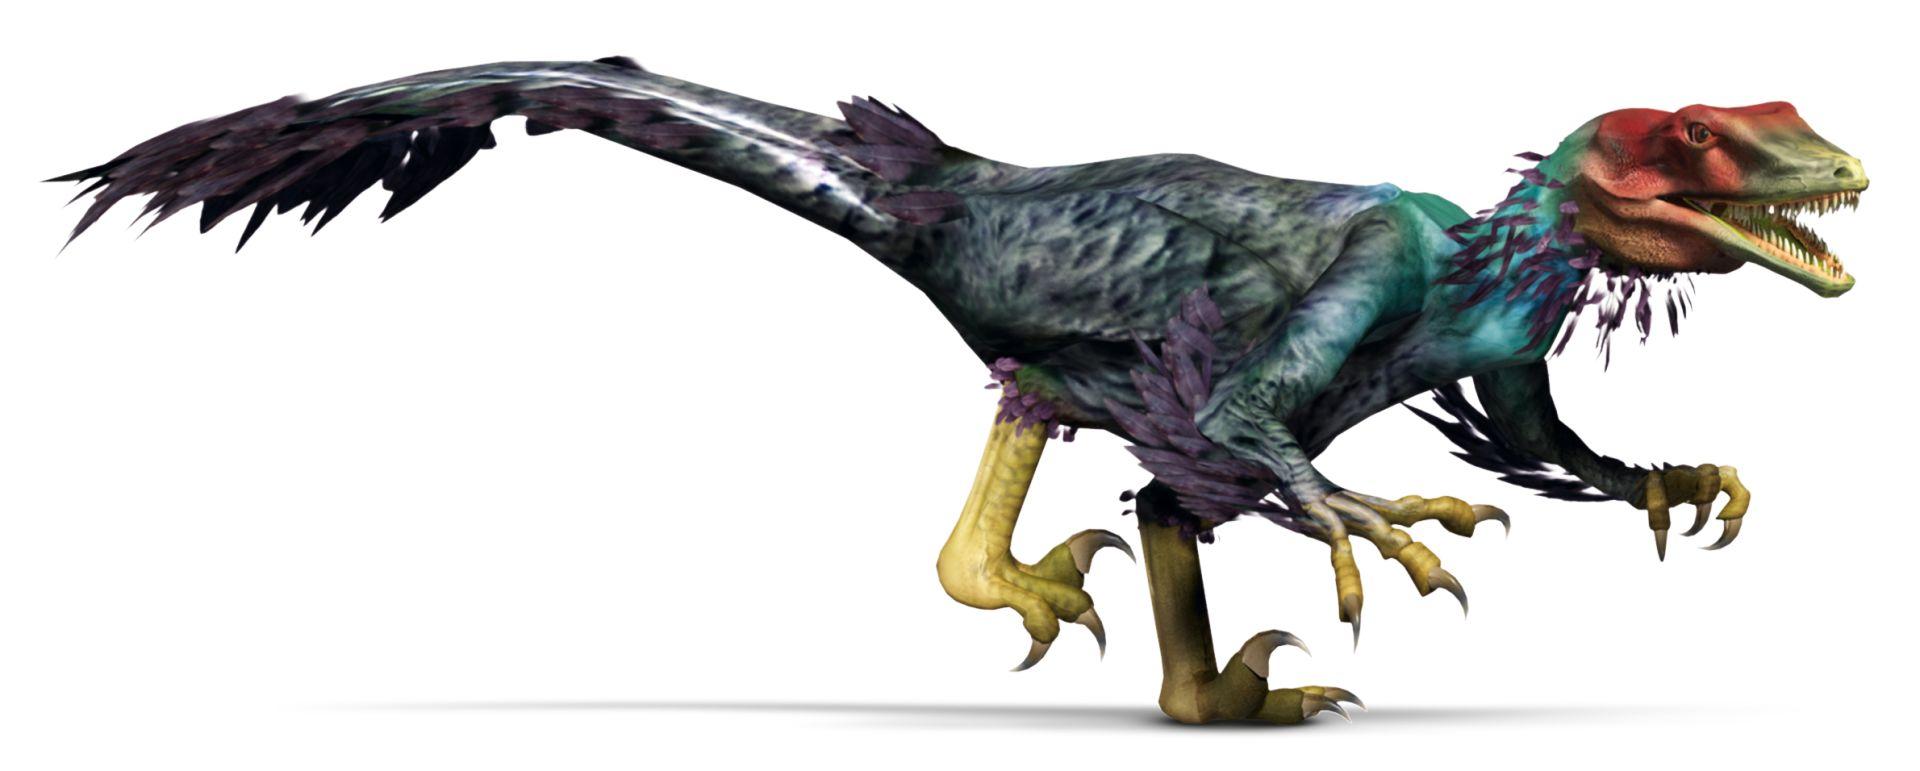 utahraptor facts utahraptor claw dk find out